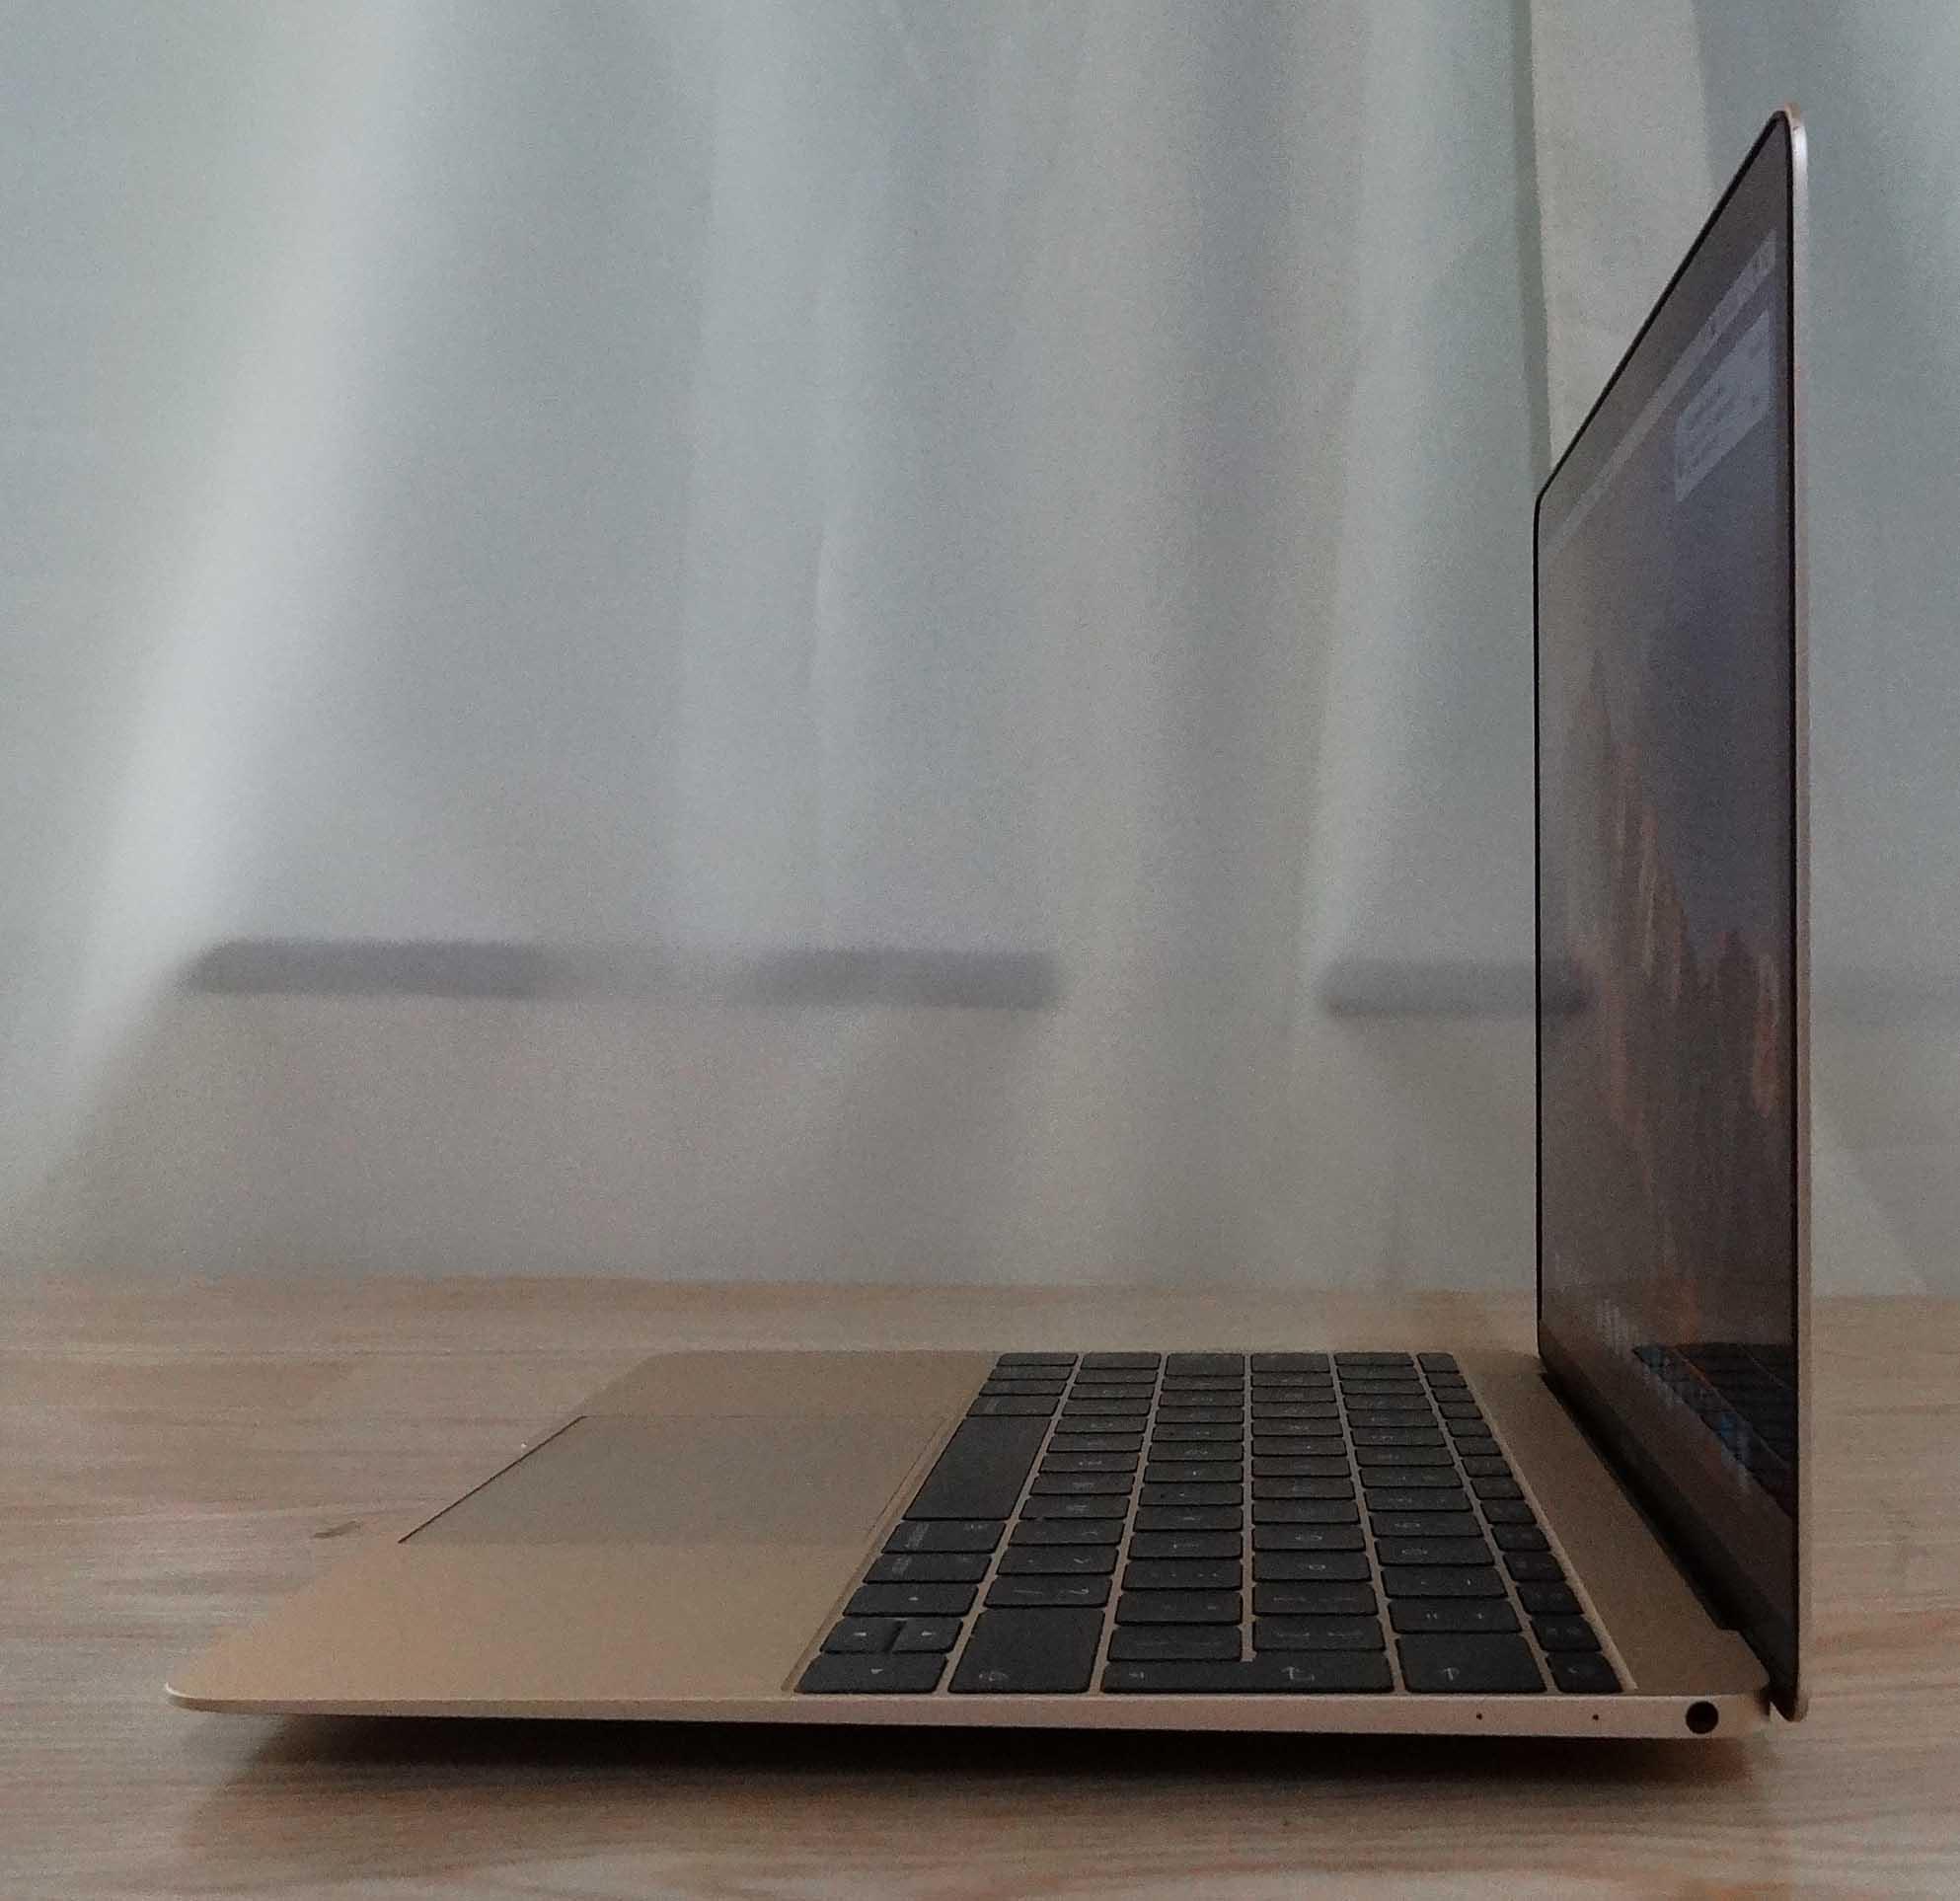 Macbook MLHA2LL/A 12'' Intel Core M3 8GB SSD-256GB